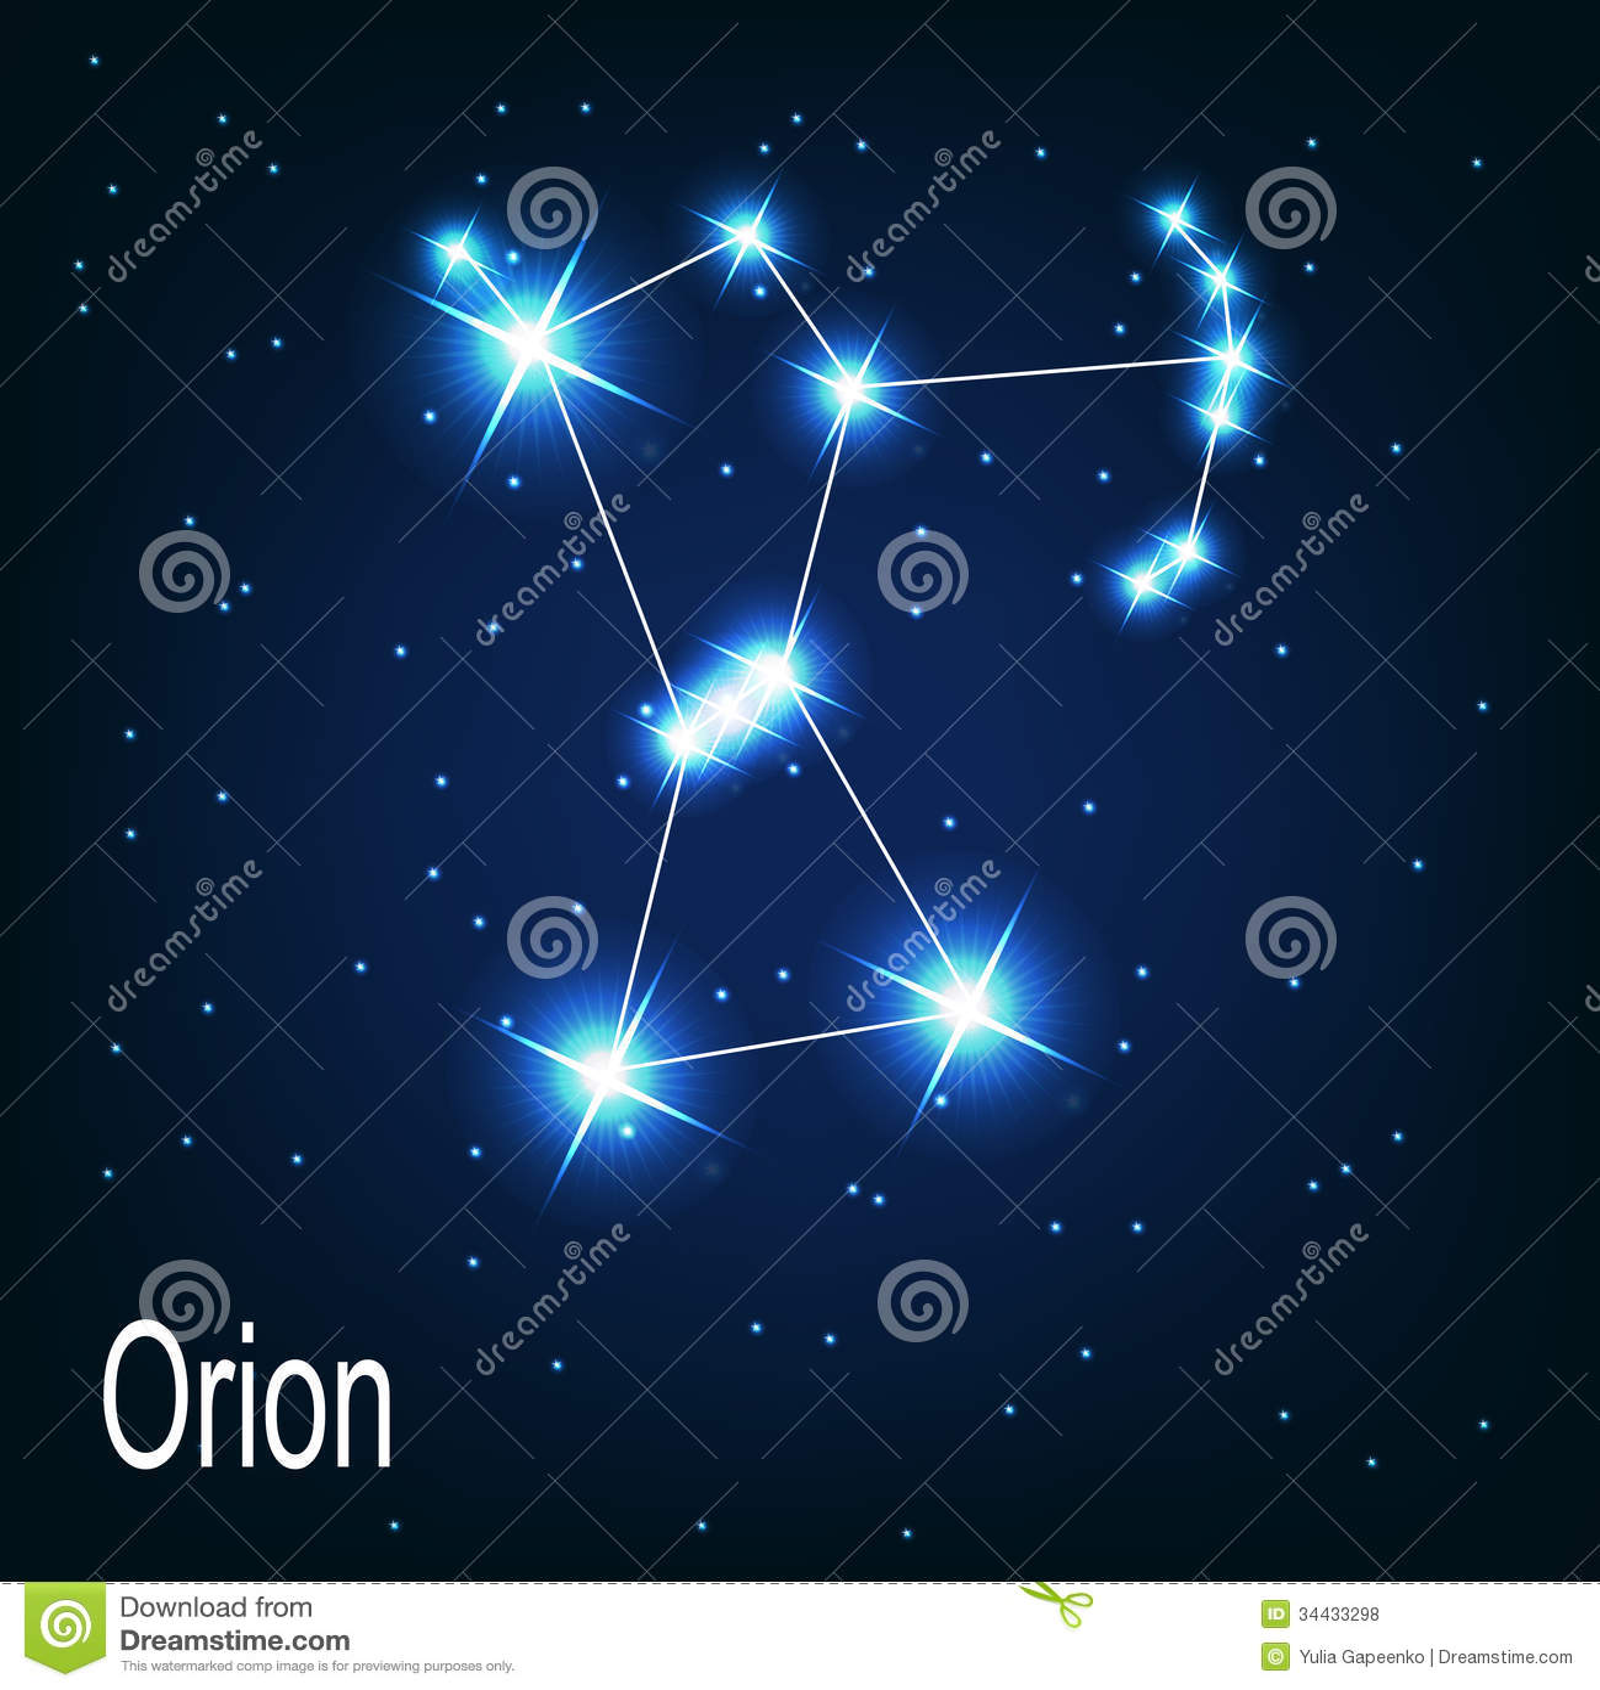 在夜空的星座猎户星座星。